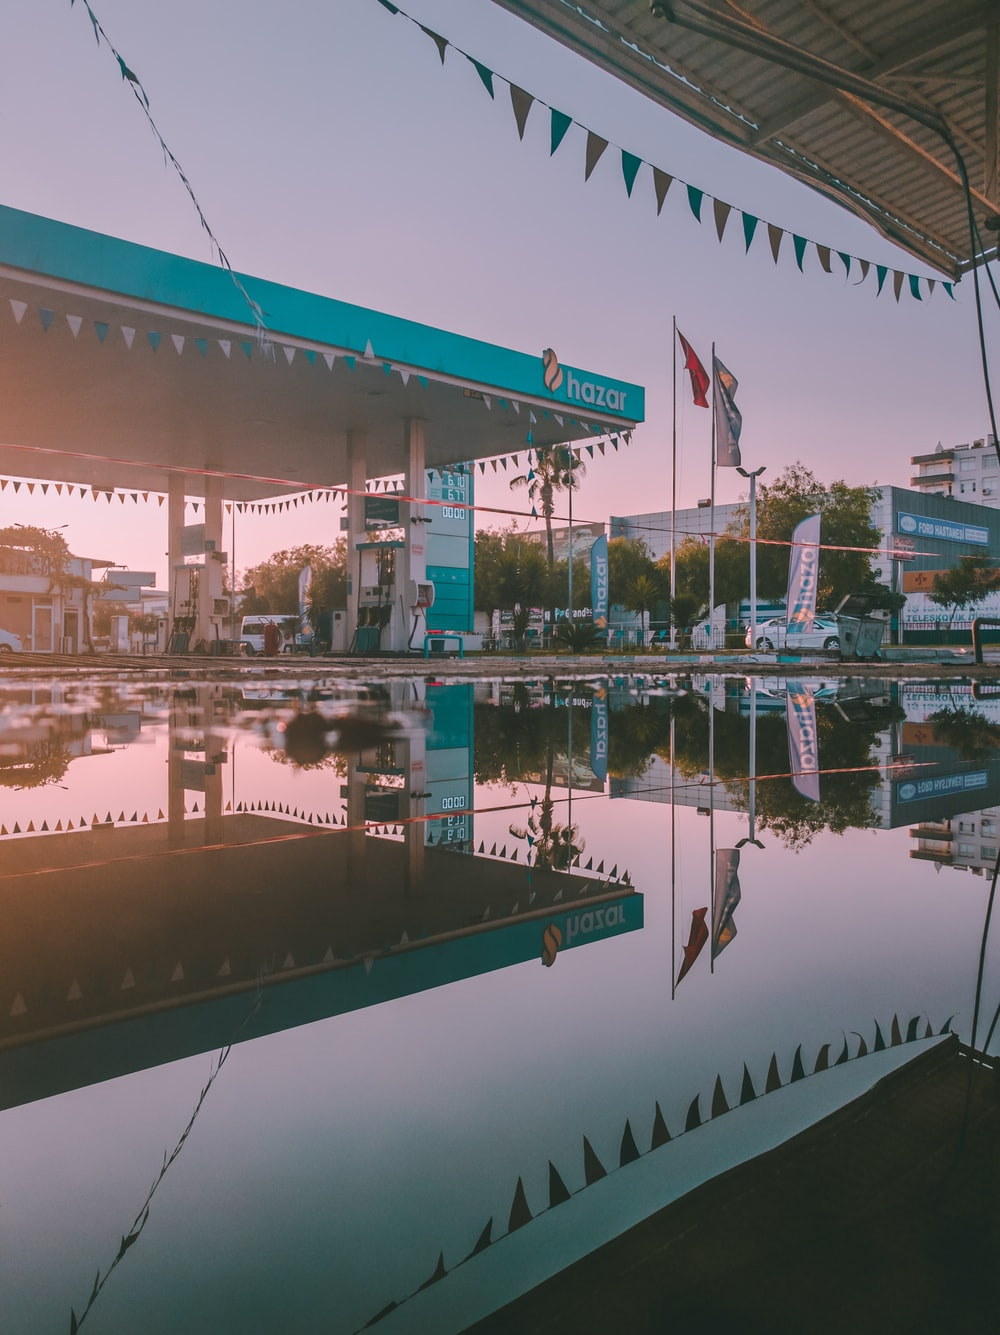 teal Hazar gasoline station under gray sky